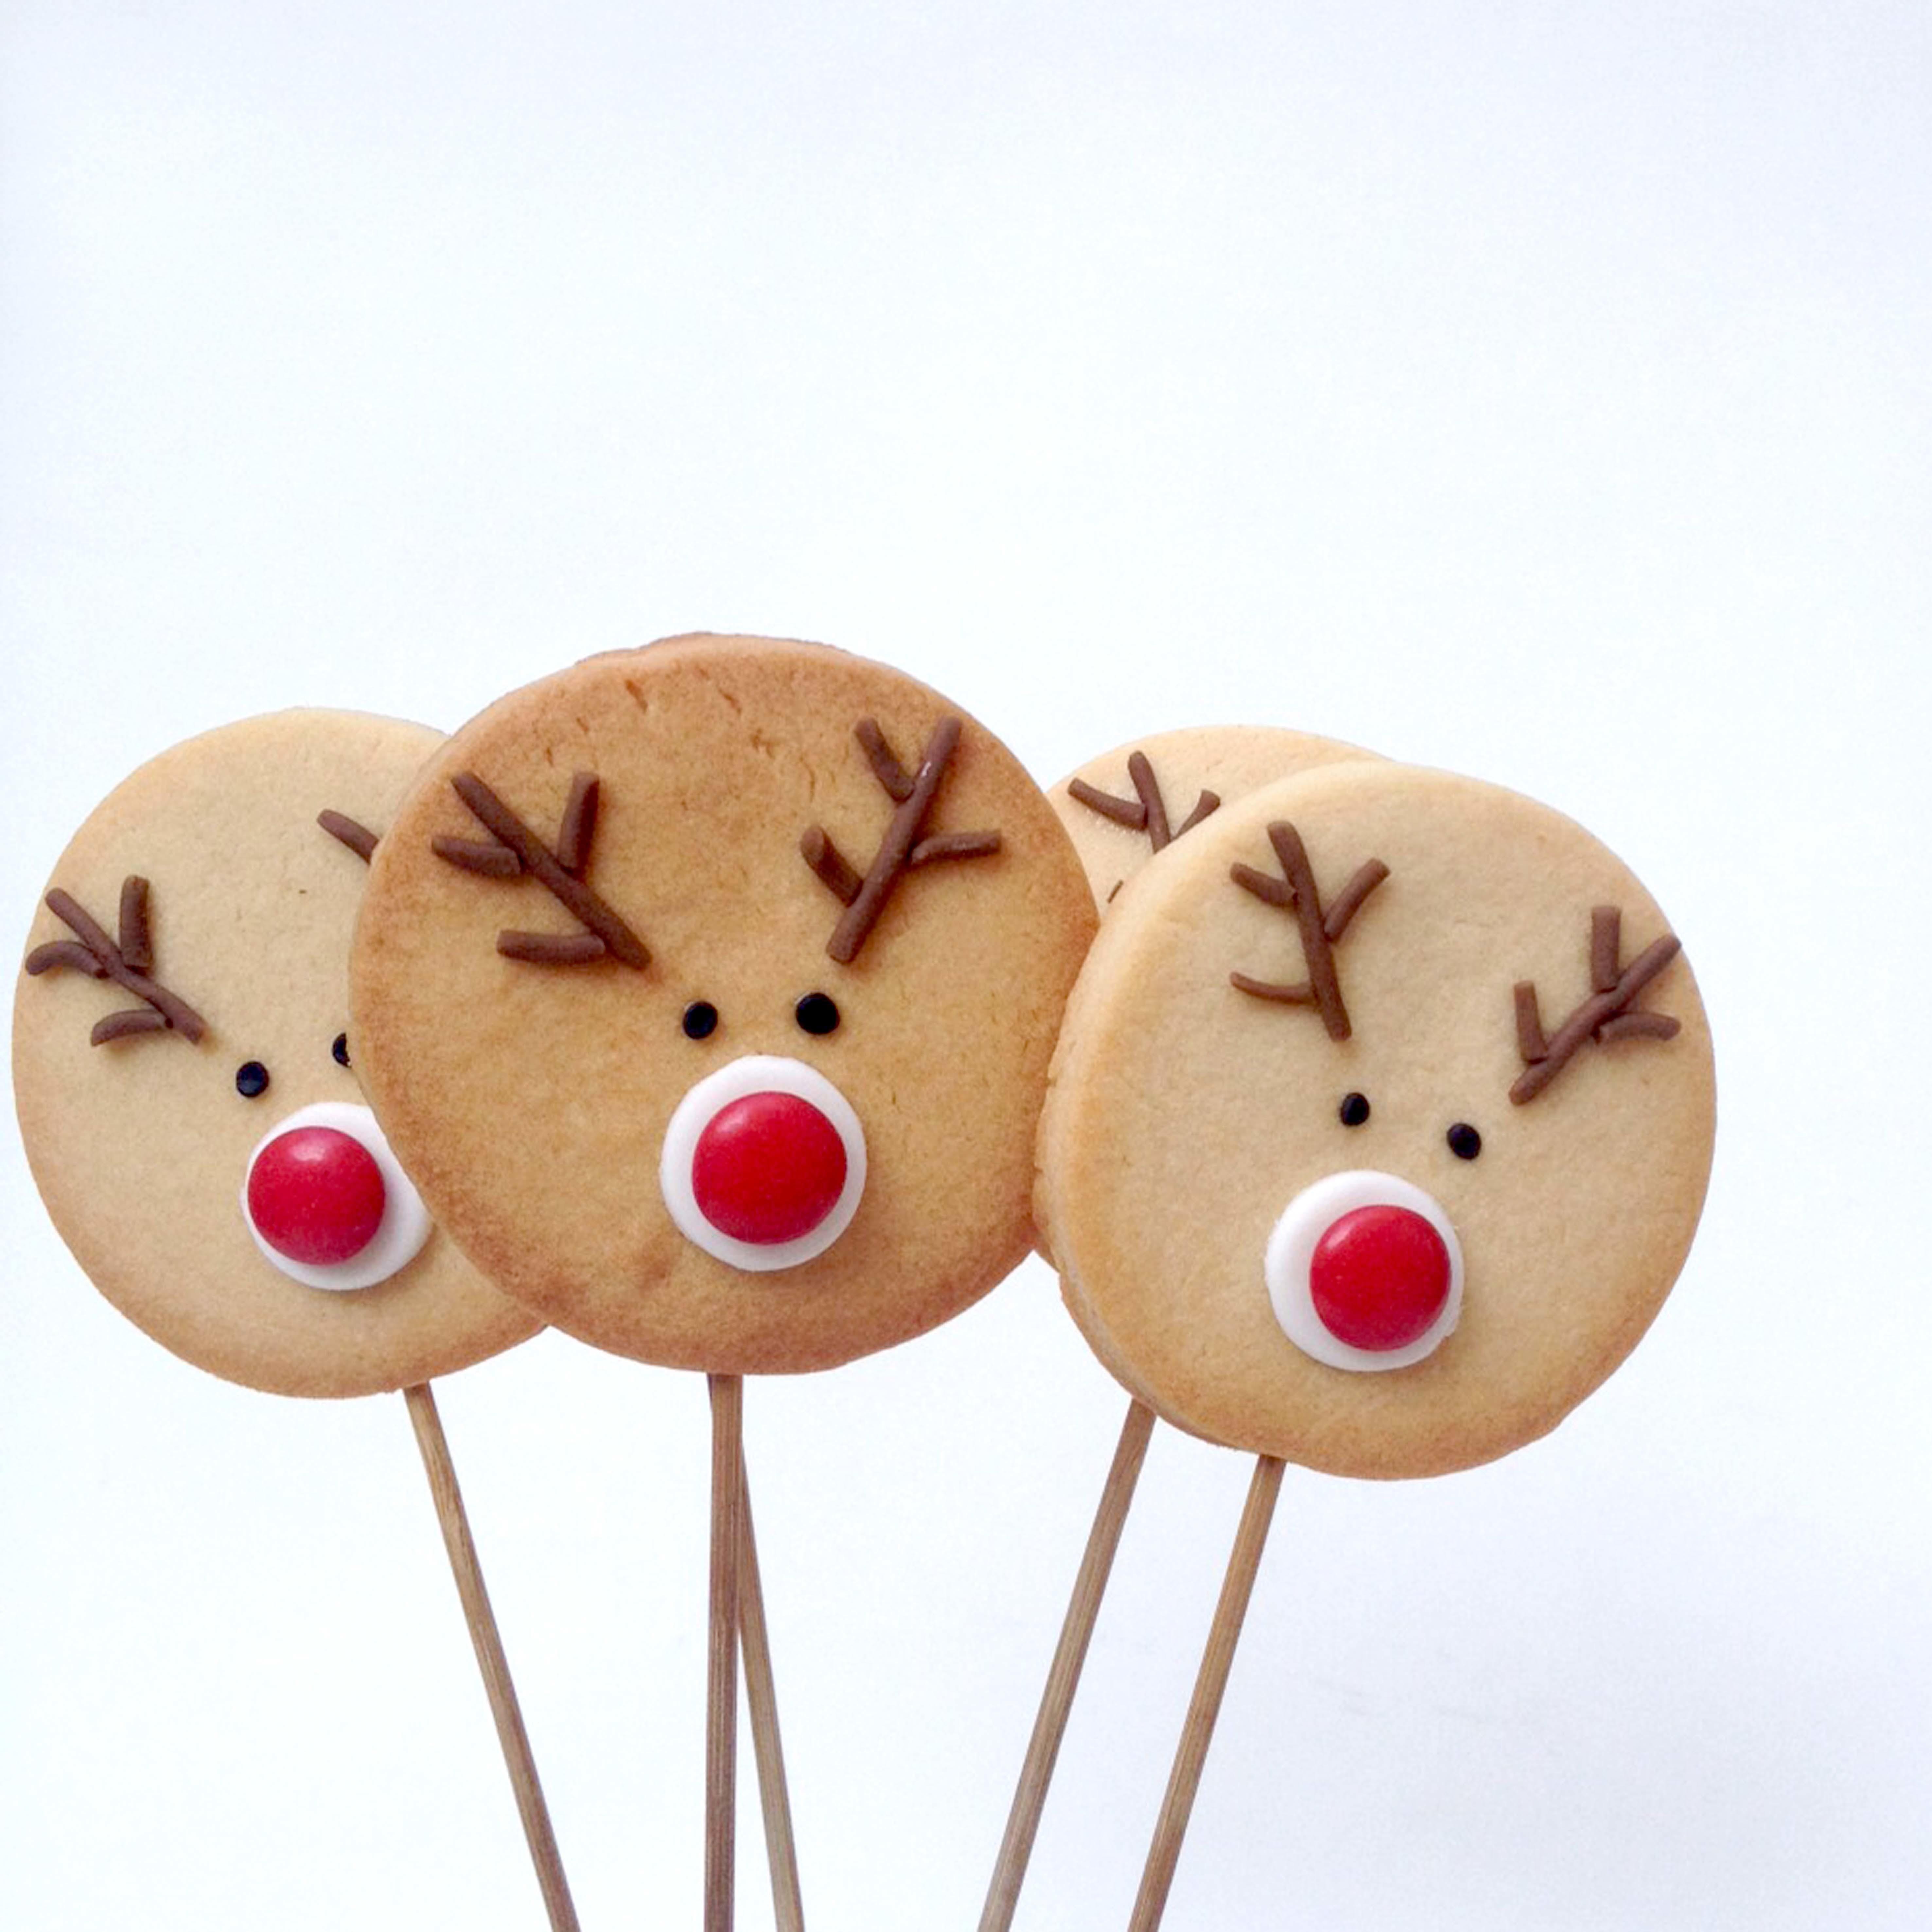 Fondant Christmas Reindeer Cookies